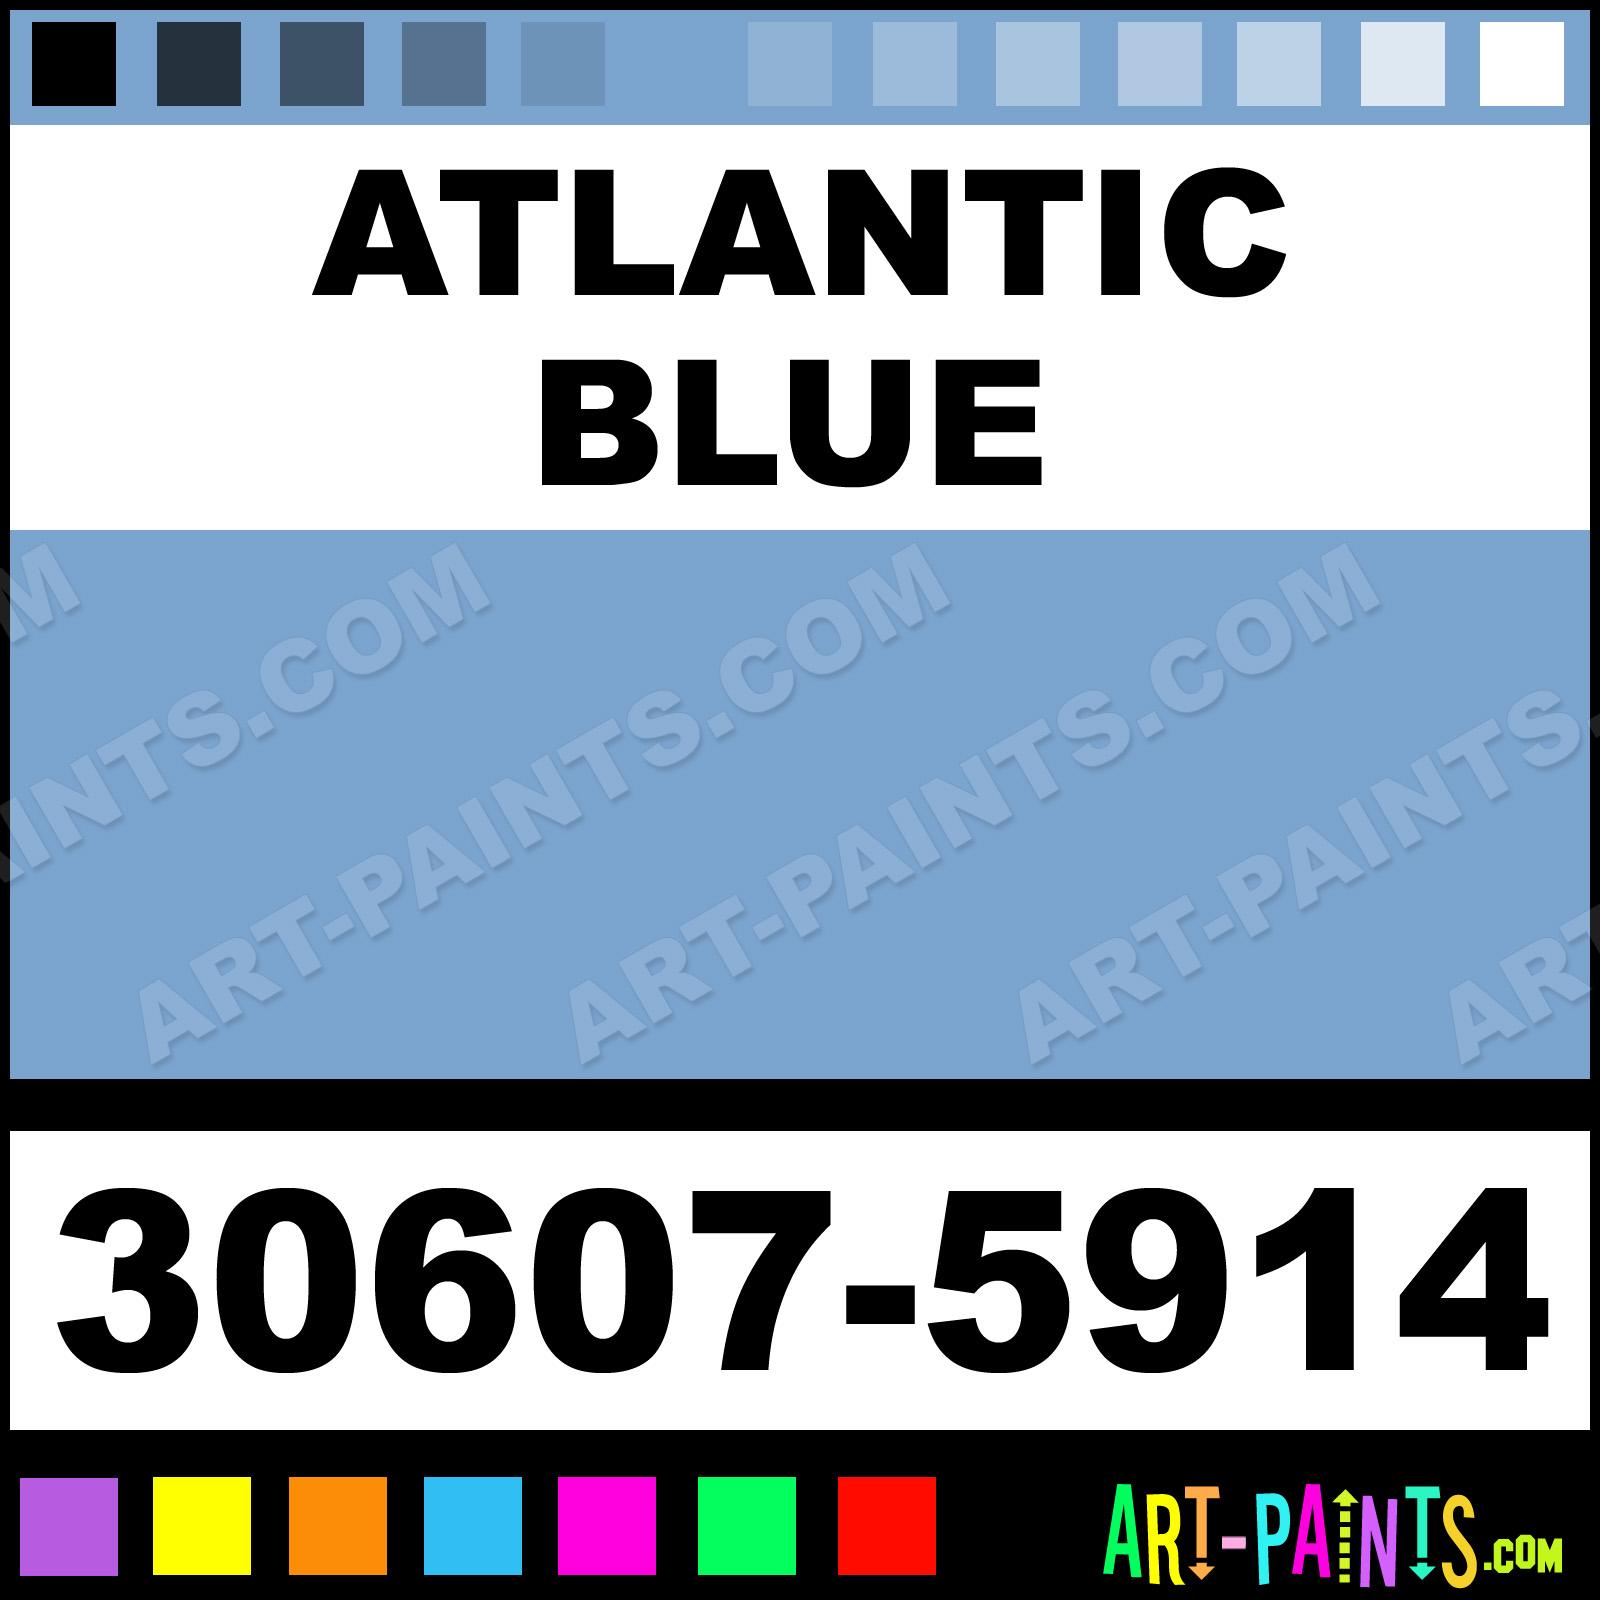 Thompson Paints Atlantic Blue